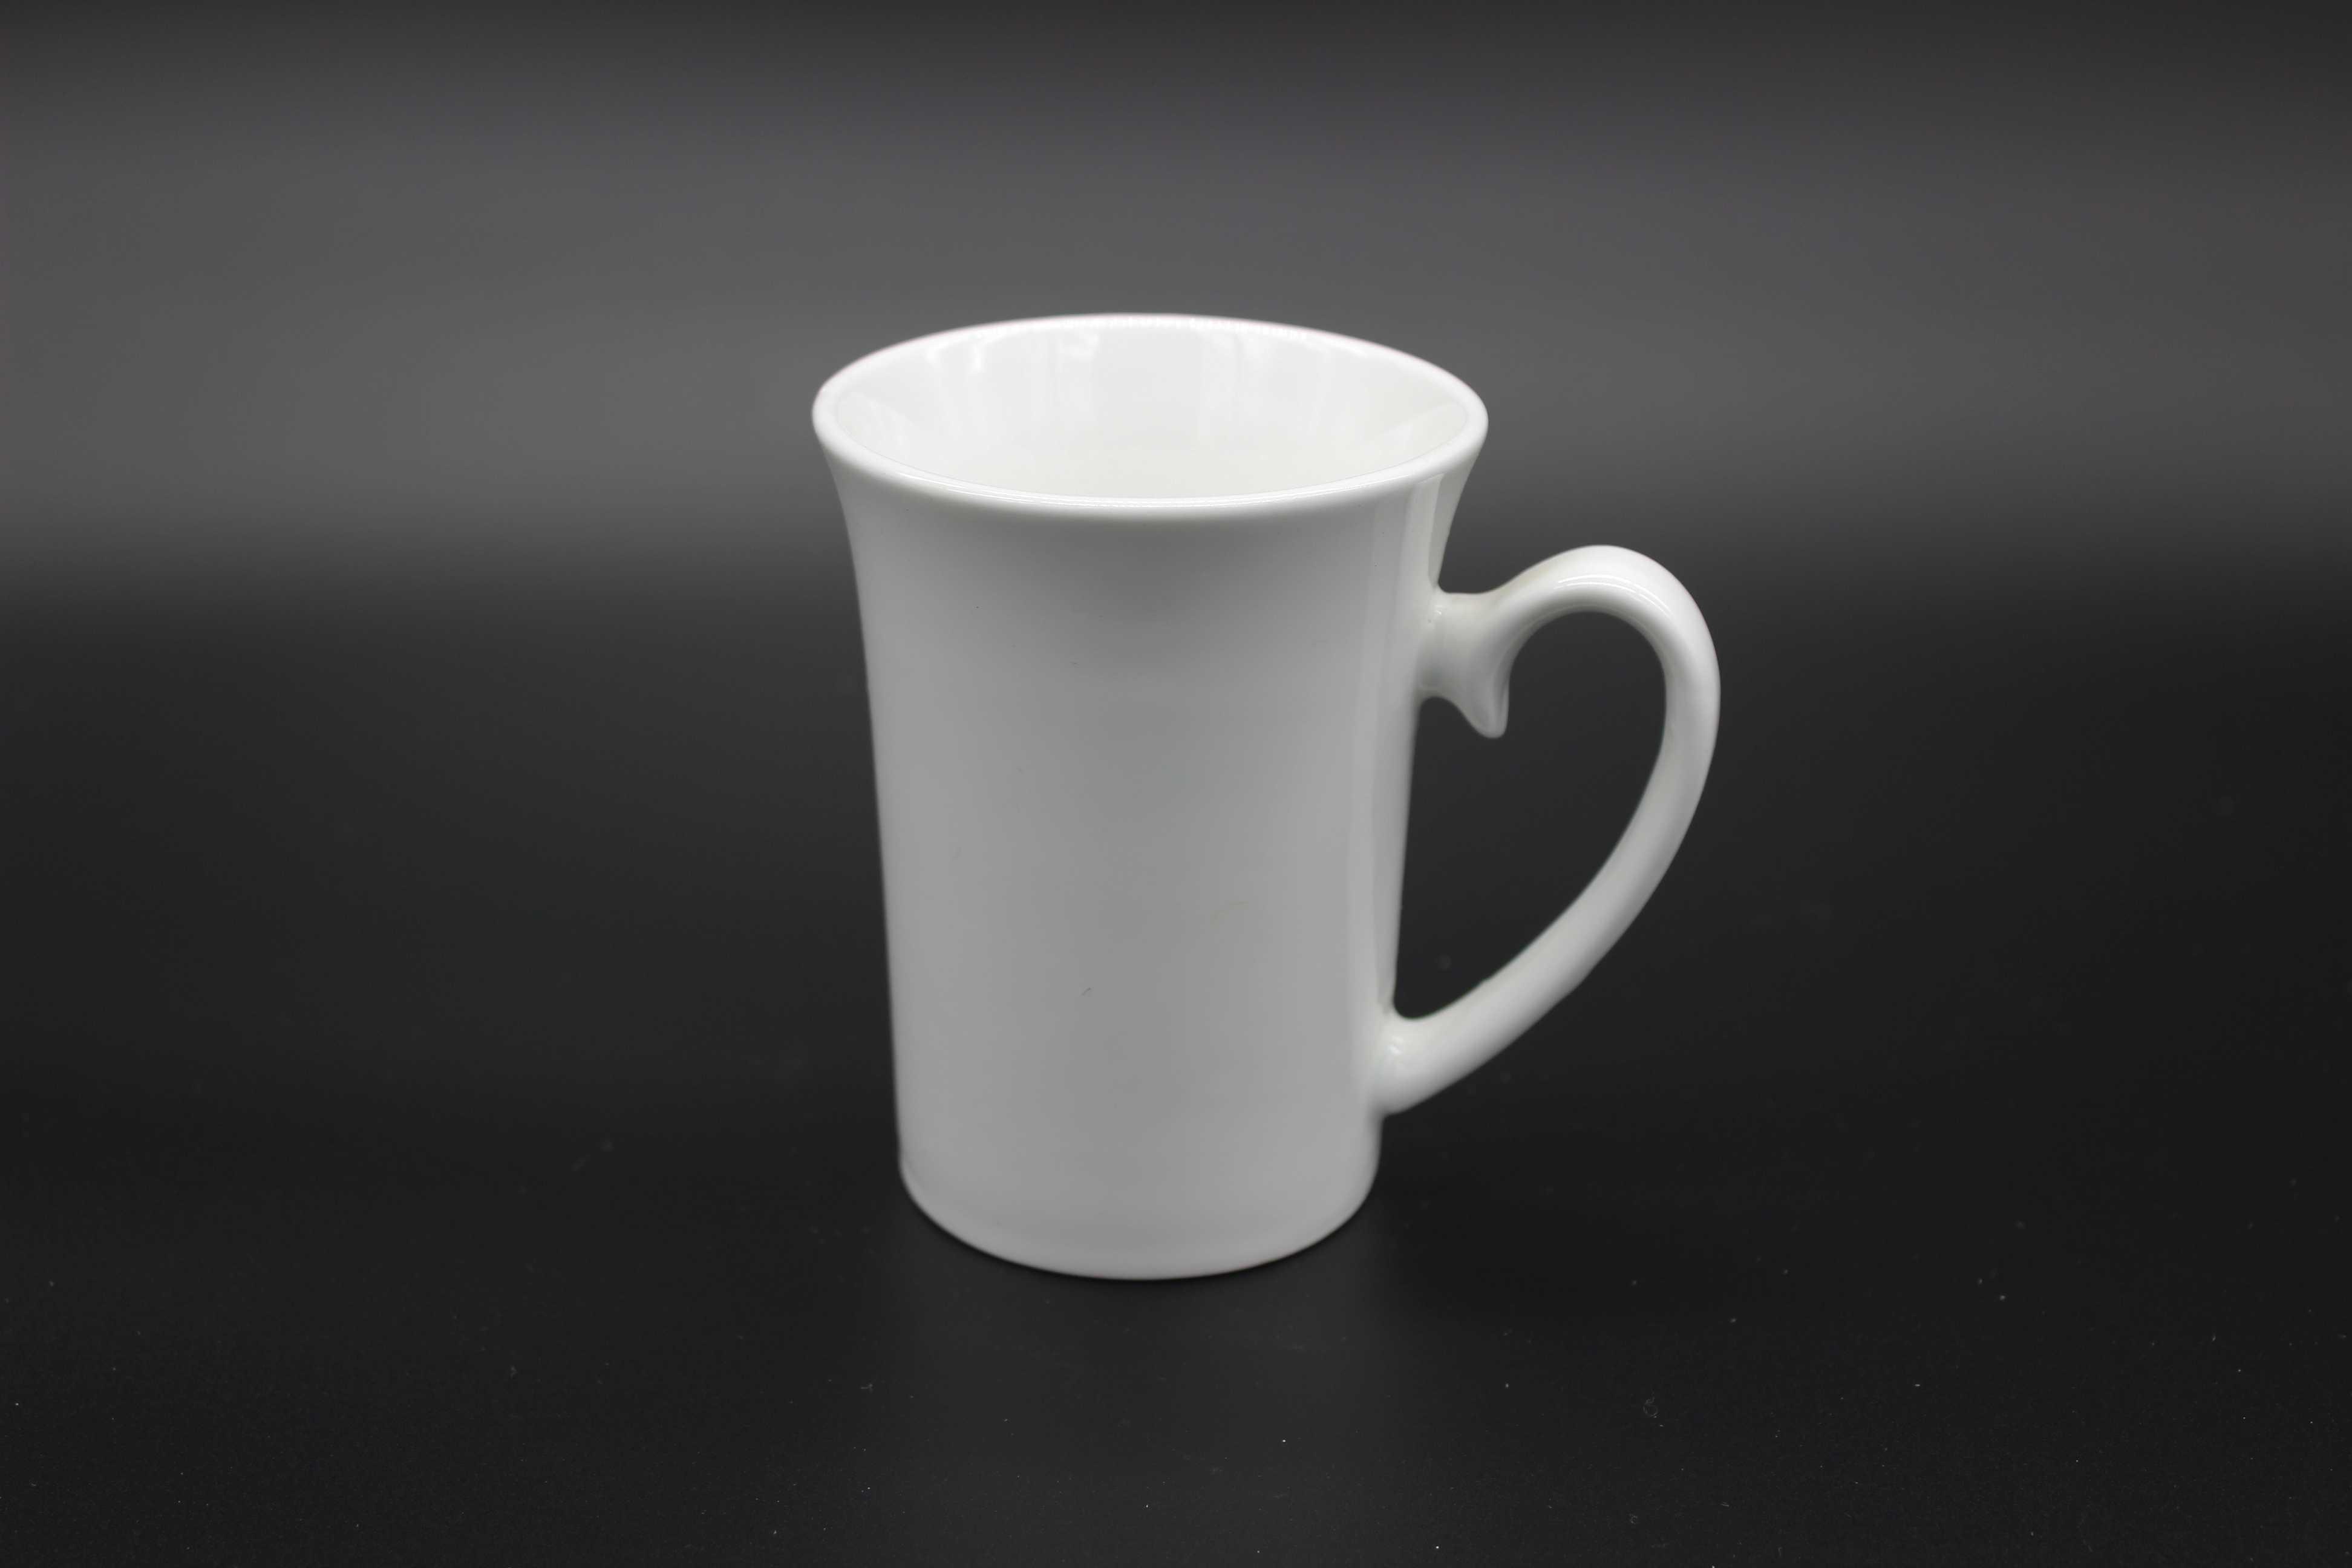 porcelain coffee mug gift product promotion